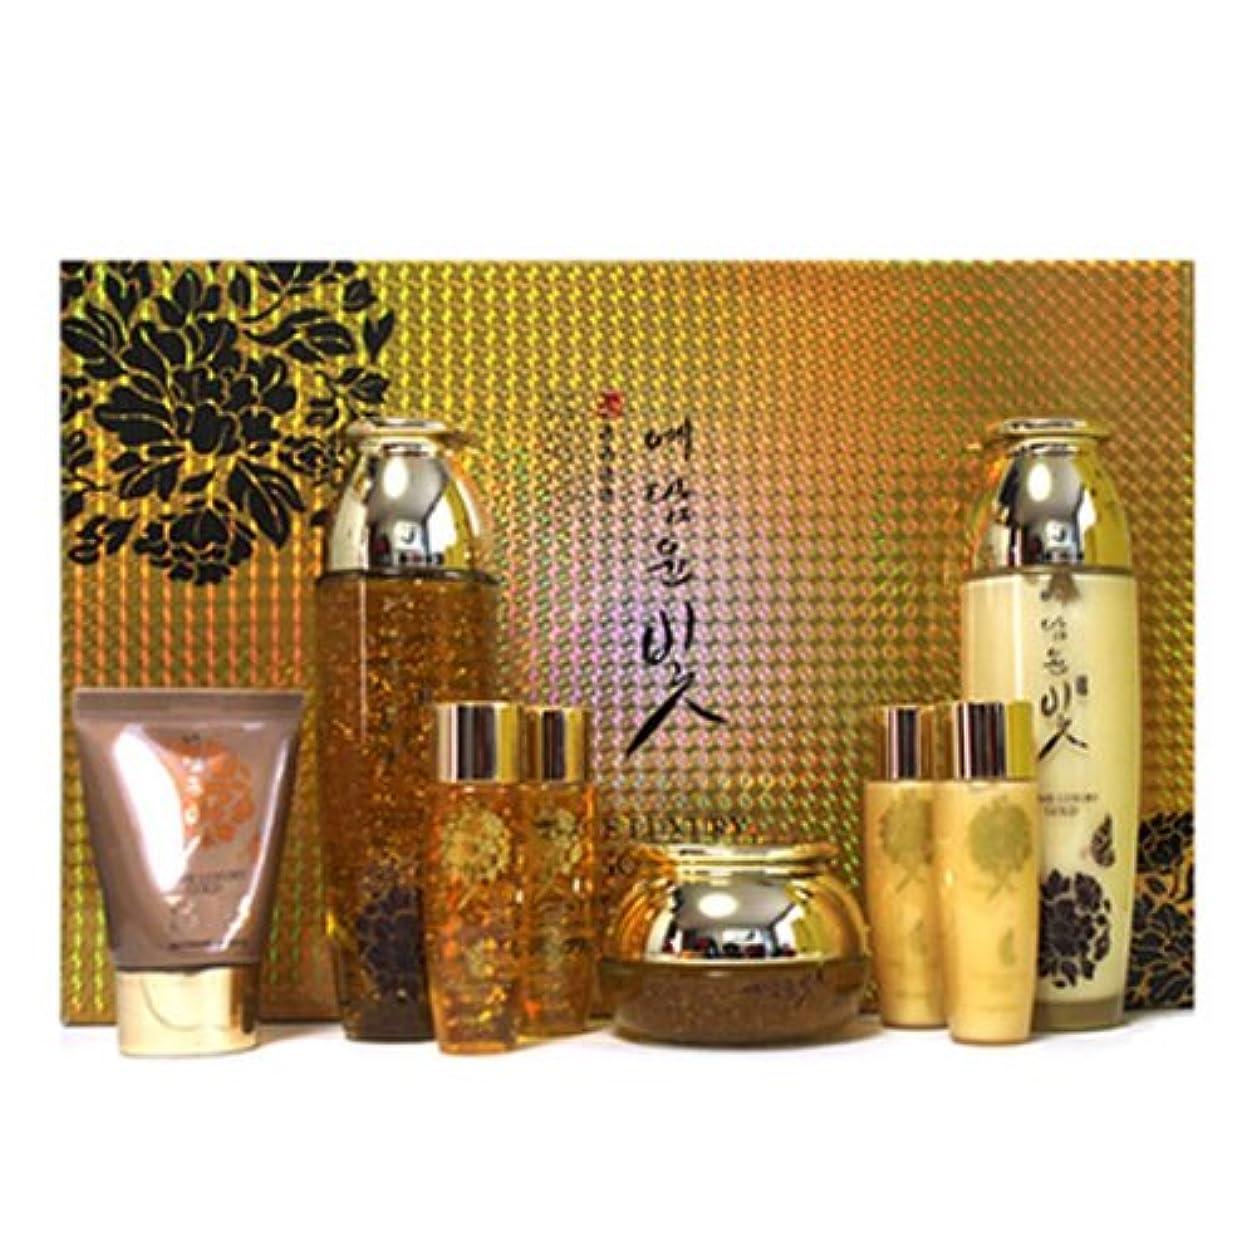 米ドルれる陰謀イェダムユンビト[韓国コスメYedam Yun Bit]Prime Luxury Gold Skin Care Set プライムラグジュアリーゴールドスキンケア4セット 樹液 乳液 クリーム/ BBクリーム [並行輸入品]